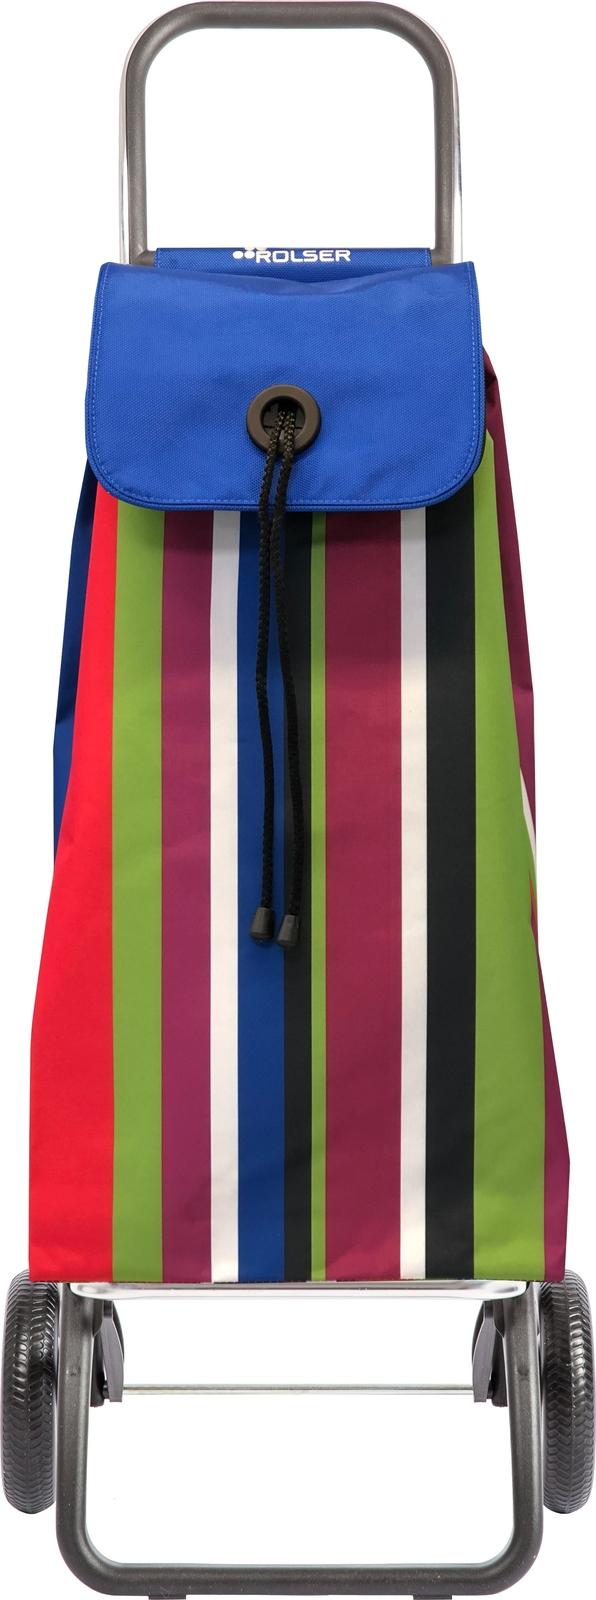 Сумка-тележка Rolser Convert RG, цвет: синий, 43 л. IMX120 сумка тележка rolser logic rg цвет синий 41 л pep004